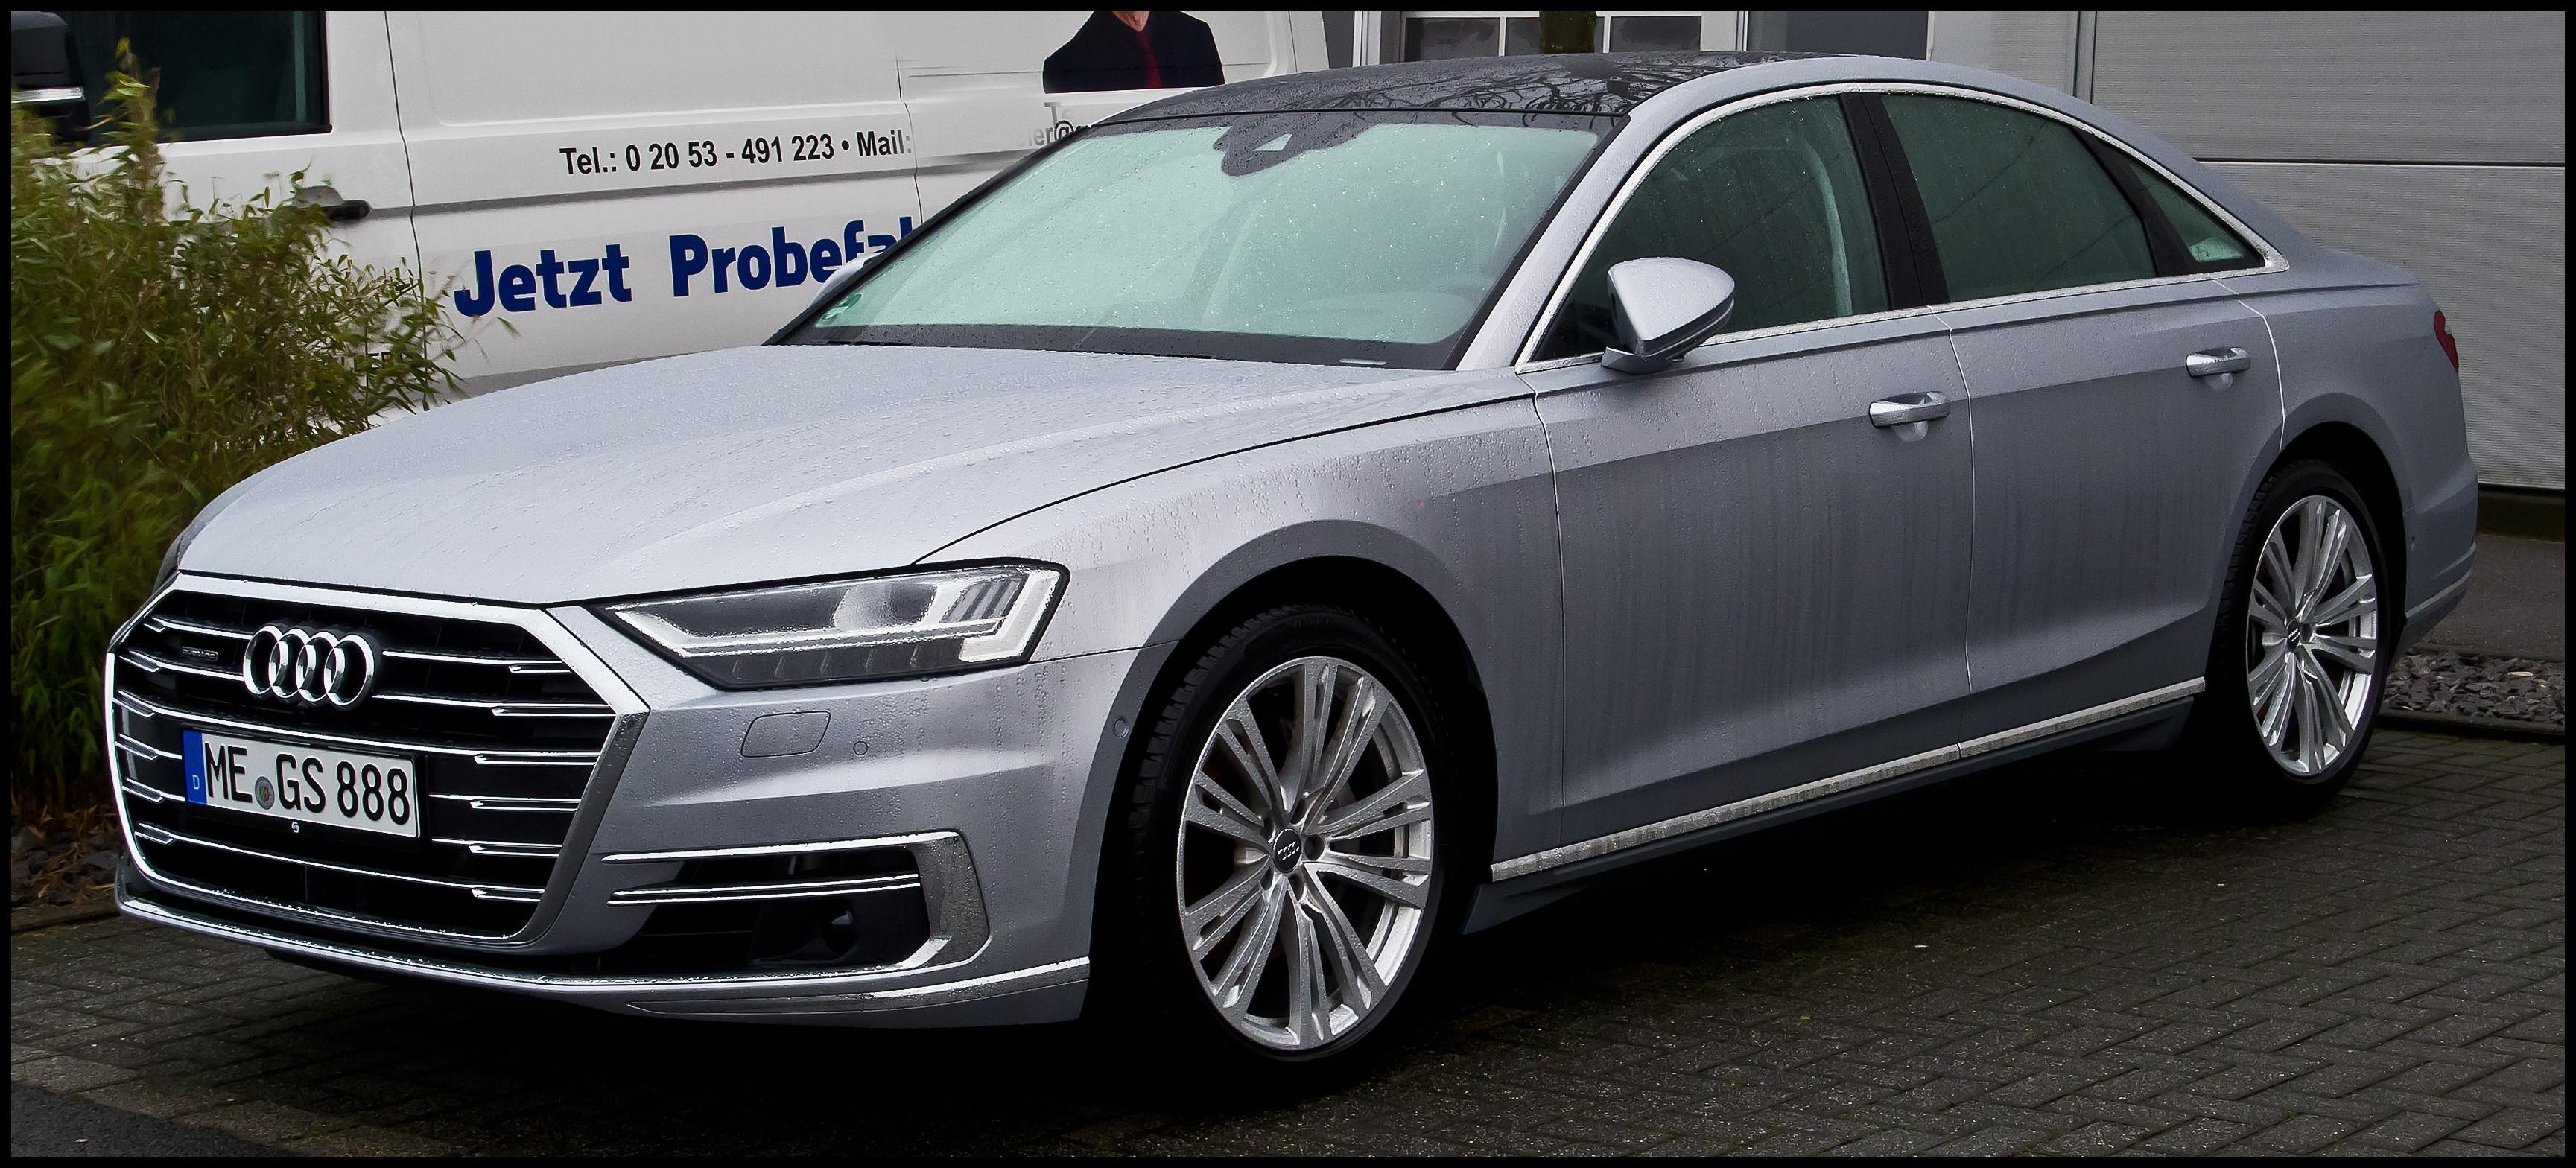 2020 Audi S4 Audi A8 2020 Car Models